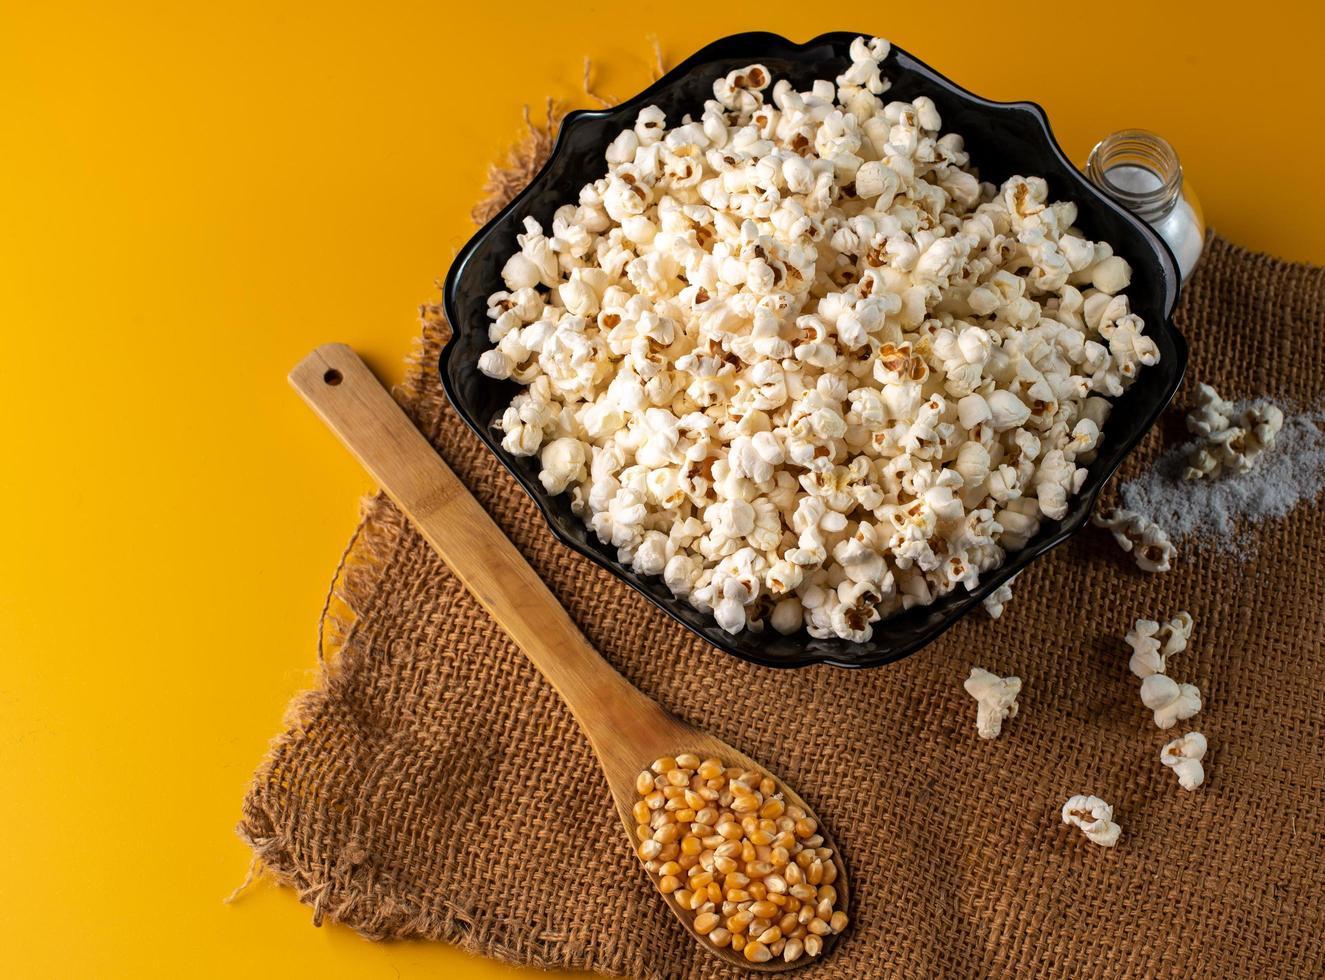 Schüssel Popcorn auf gelbem Hintergrund foto